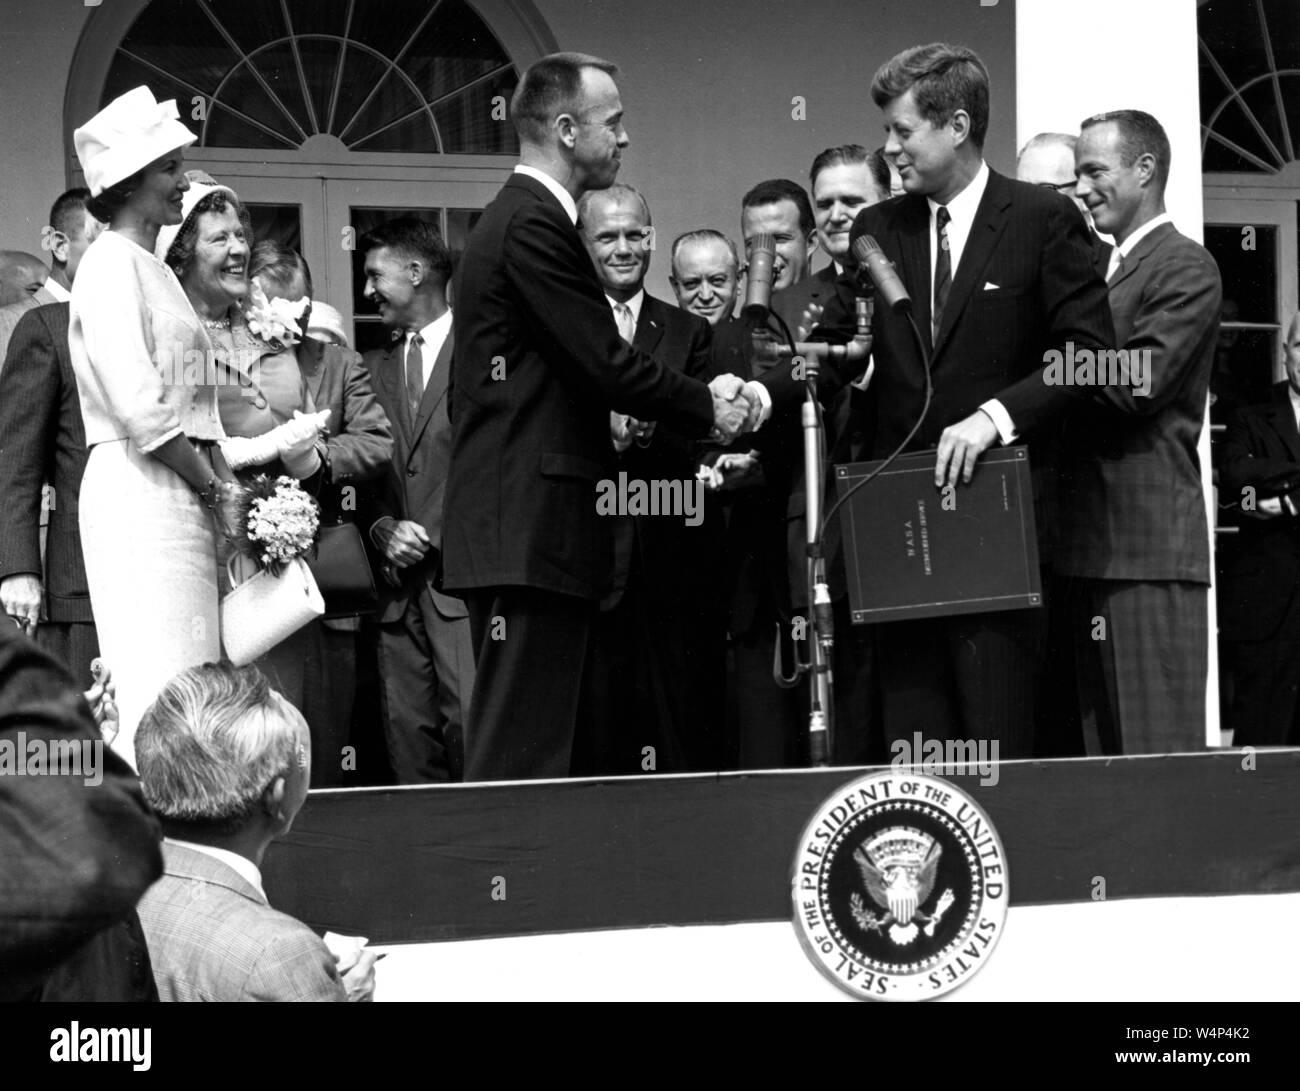 Präsident John F Kennedy gratuliert Astronaut Alan B Shepard Jr, der erste Amerikaner im Raum, auf seinem historischen Fahrt in die Freiheit 7 Raumfahrzeuge, White House, Washington, District of Columbia, 8. Mai 1961. Mit freundlicher Genehmigung der Nationalen Luft- und Raumfahrtbehörde (NASA). () Stockfoto